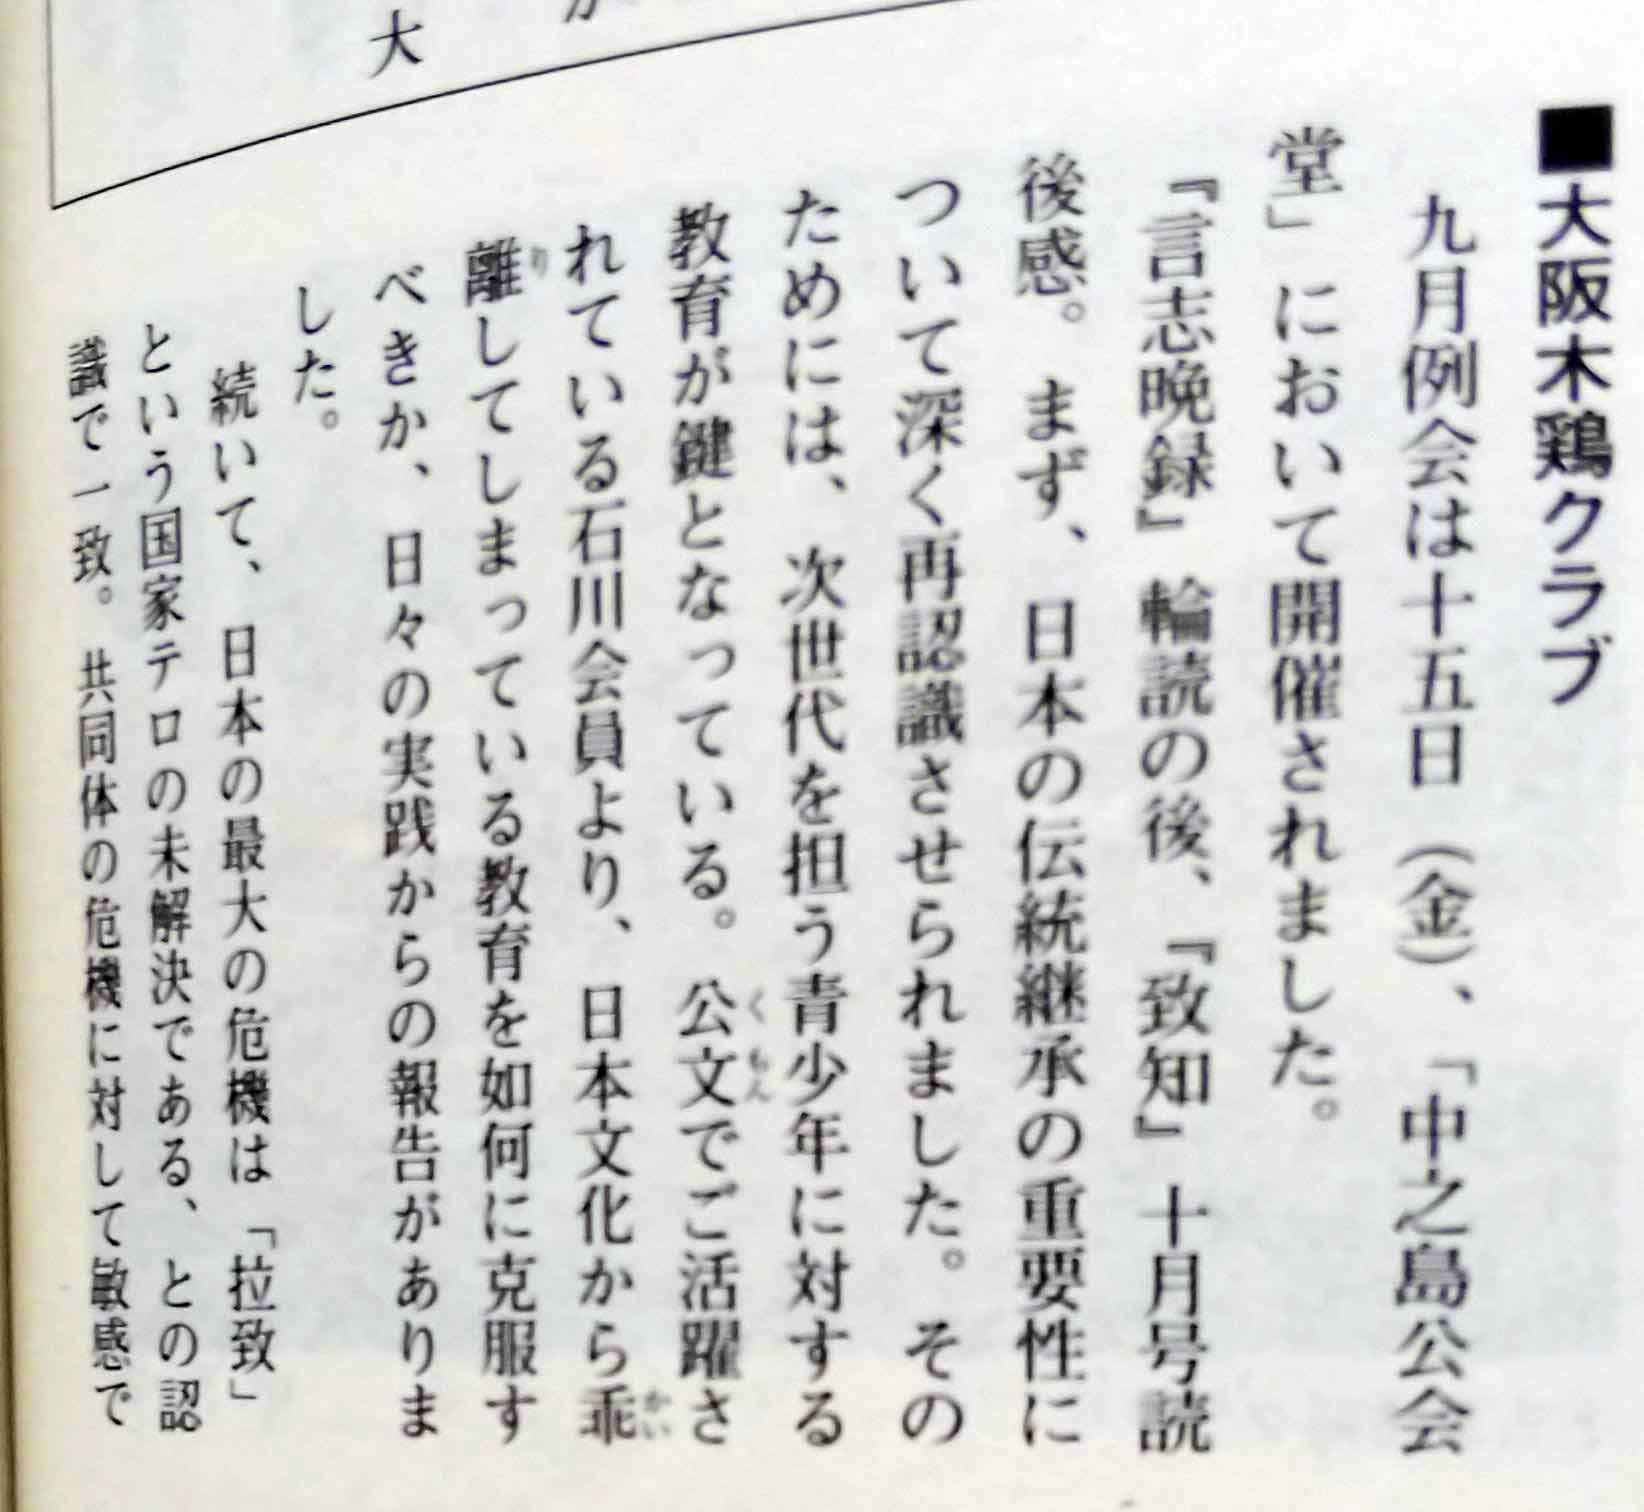 2006年12月大阪木鶏通信